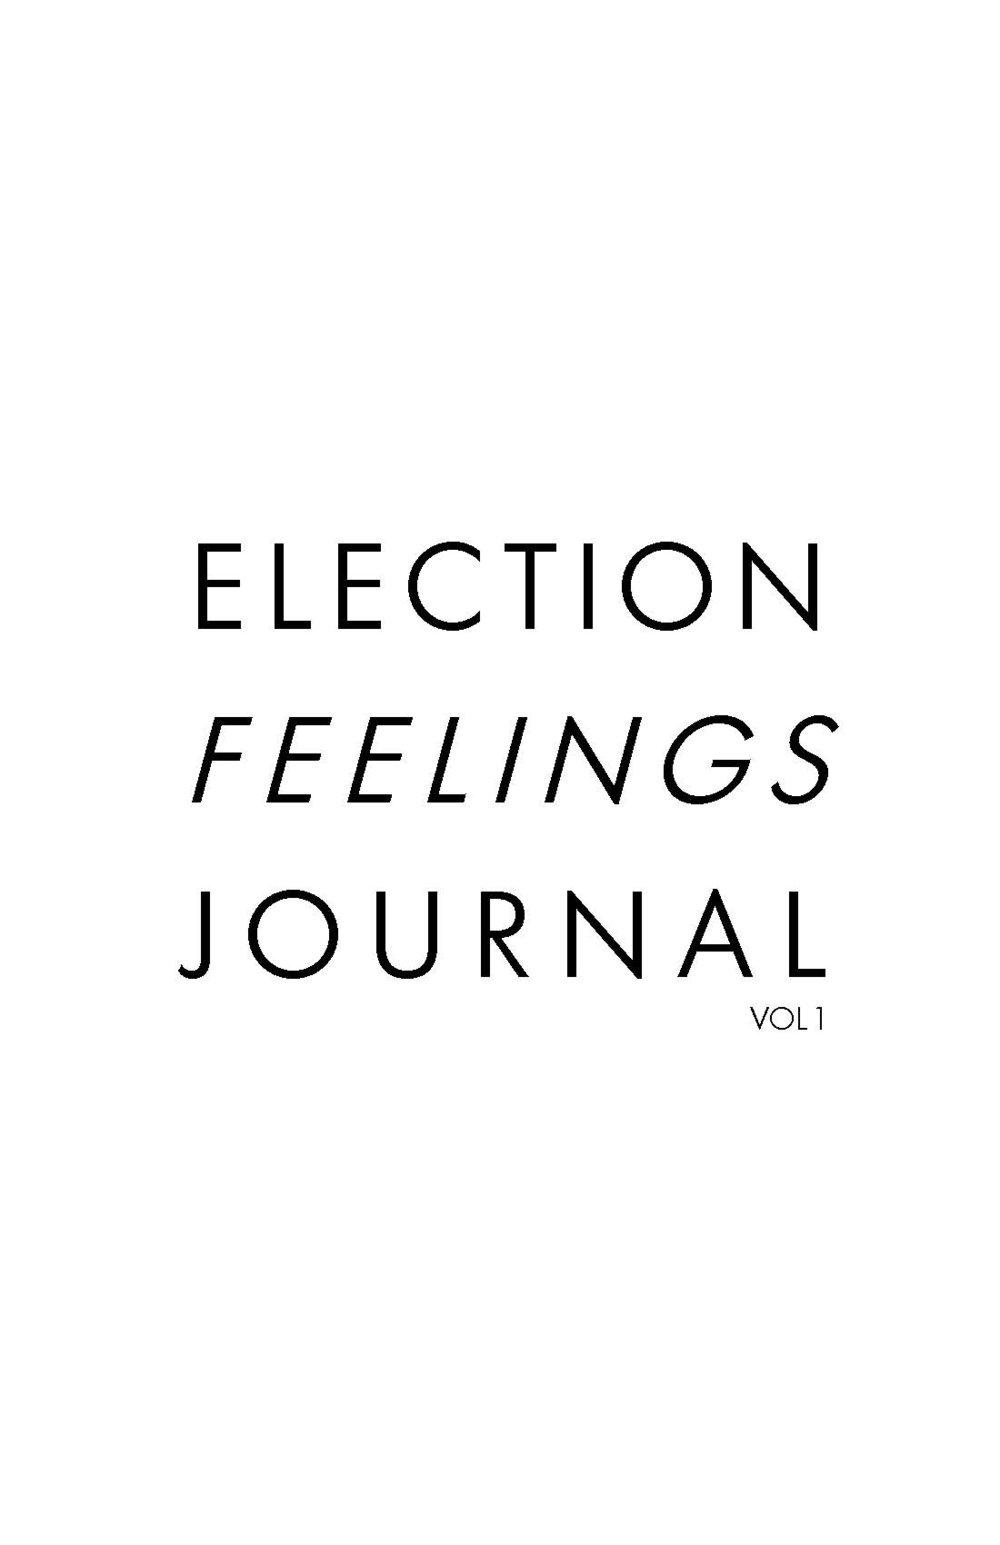 Election Feelings Journal ZIne_Page_01.jpg